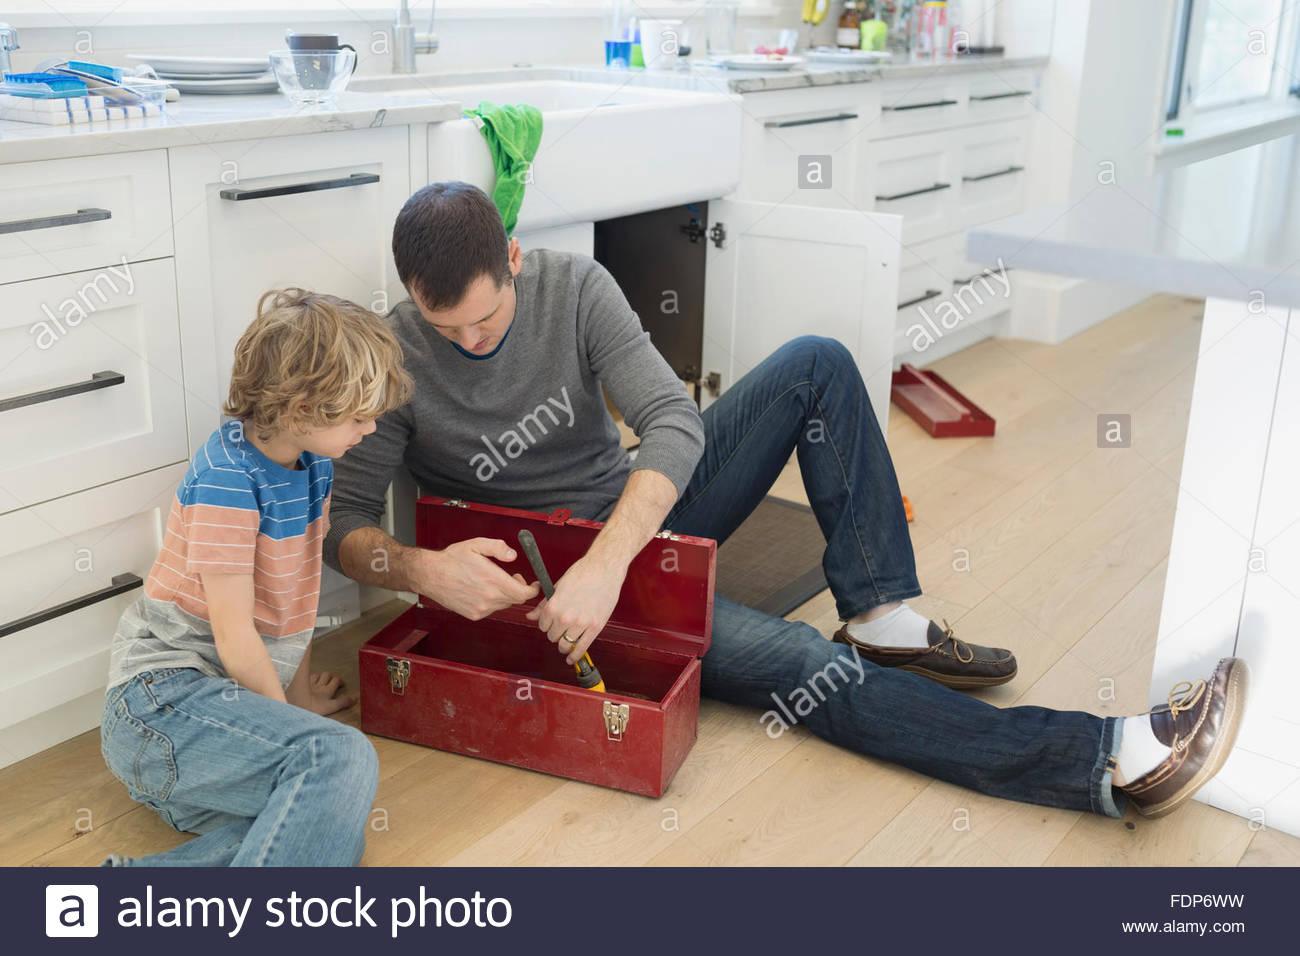 Père et fils l'examen de la boîte à outils l'outil de sol de la cuisine Photo Stock